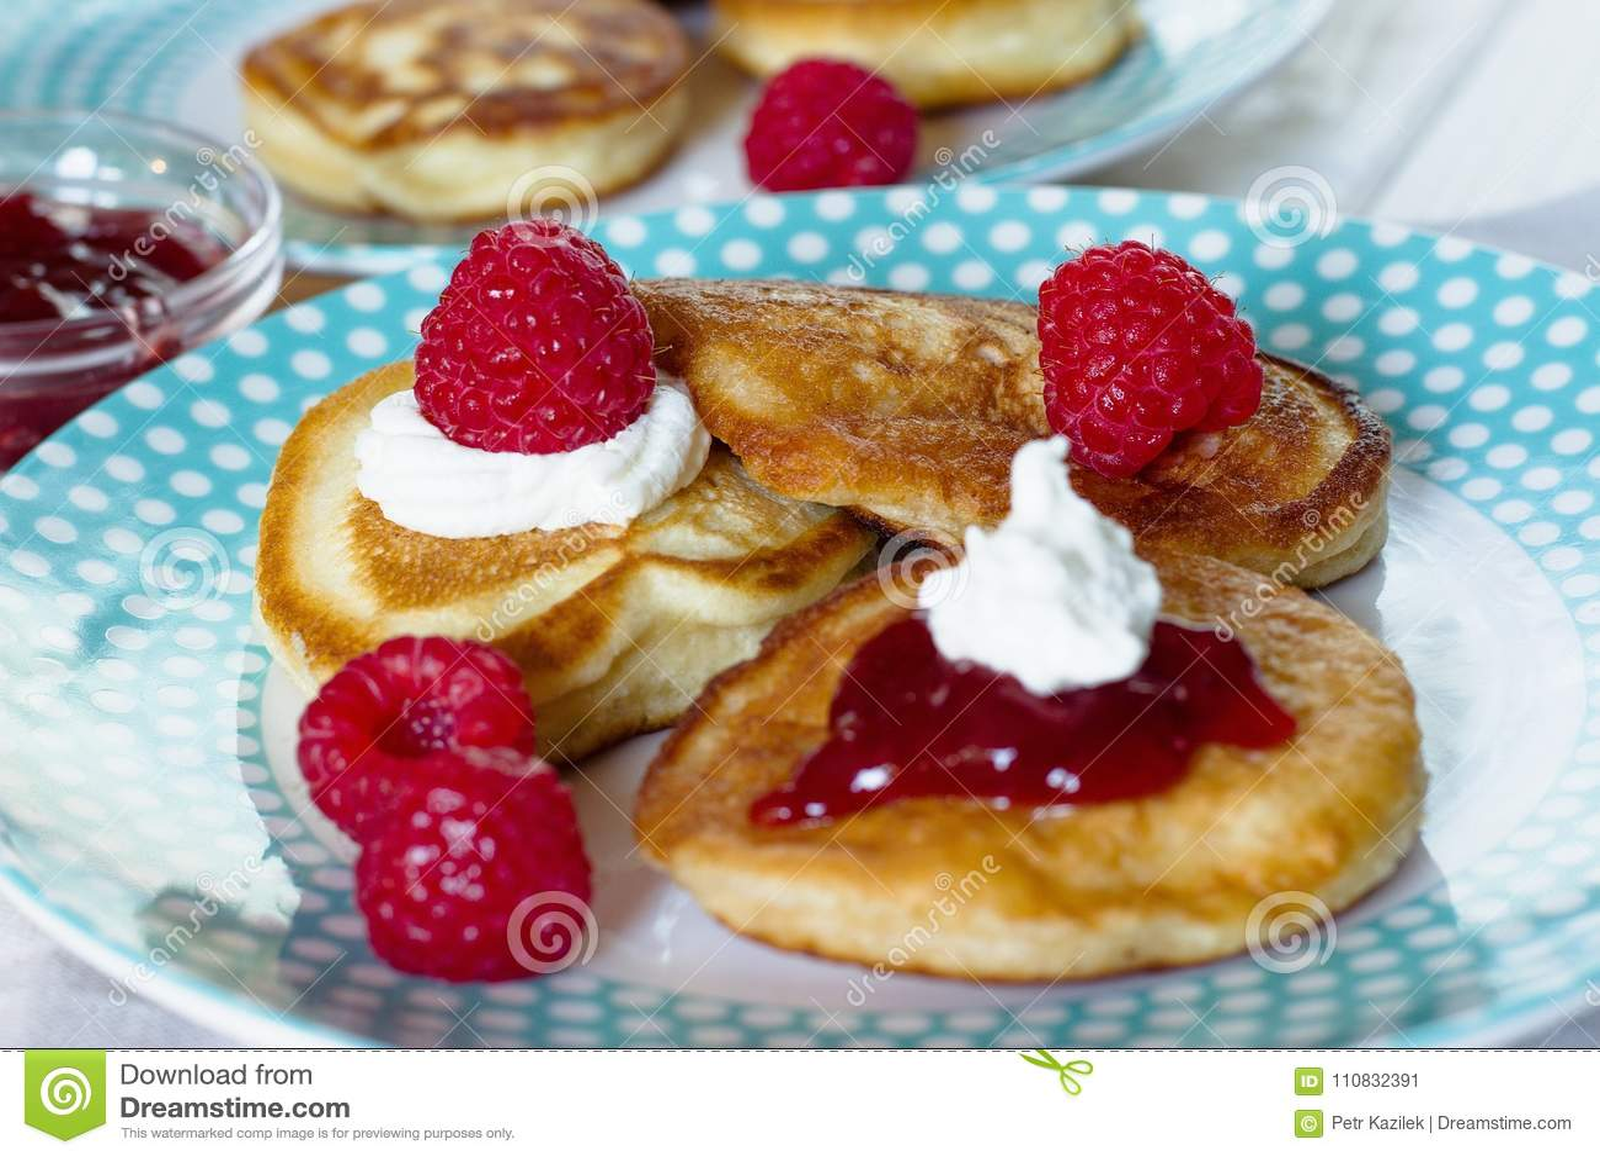 Pannekoeken met frambozen